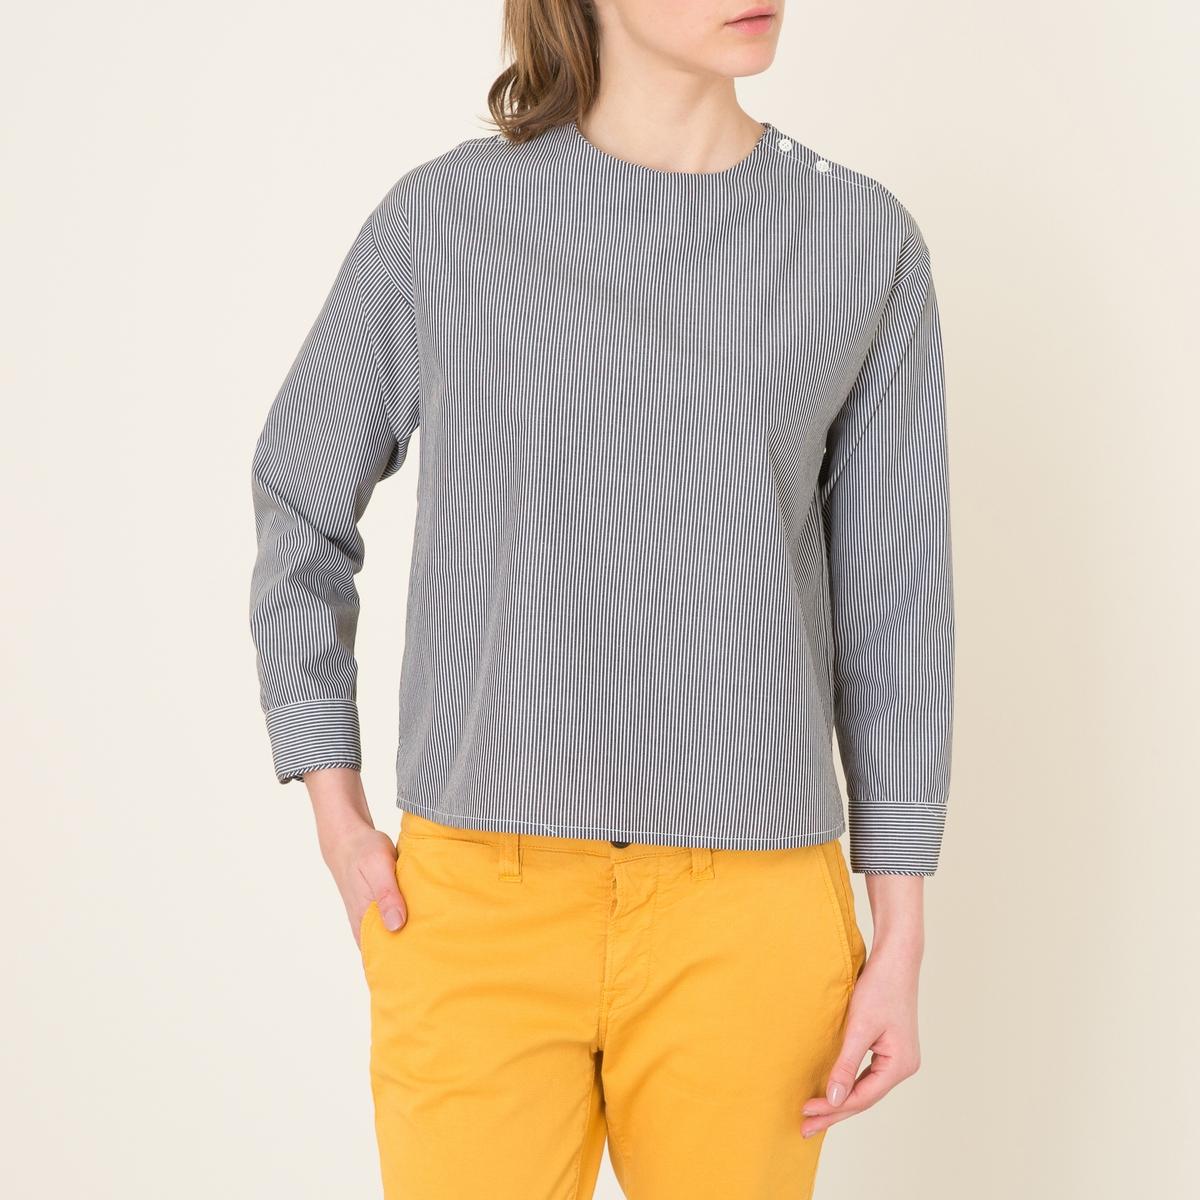 Блузка в полоску BENJAMINБлузка в полоску SOEUR - модель BENJAMIN из хлопка . Круглый вырез. Пуговицы на плечах. Длинные рукава. Манжеты с застежкой на пуговицы. Закругленный низ с разрезом по бокам .Состав и описаниеМатериал : 100% хлопокМарка : SOEUR<br><br>Цвет: белый/ черный